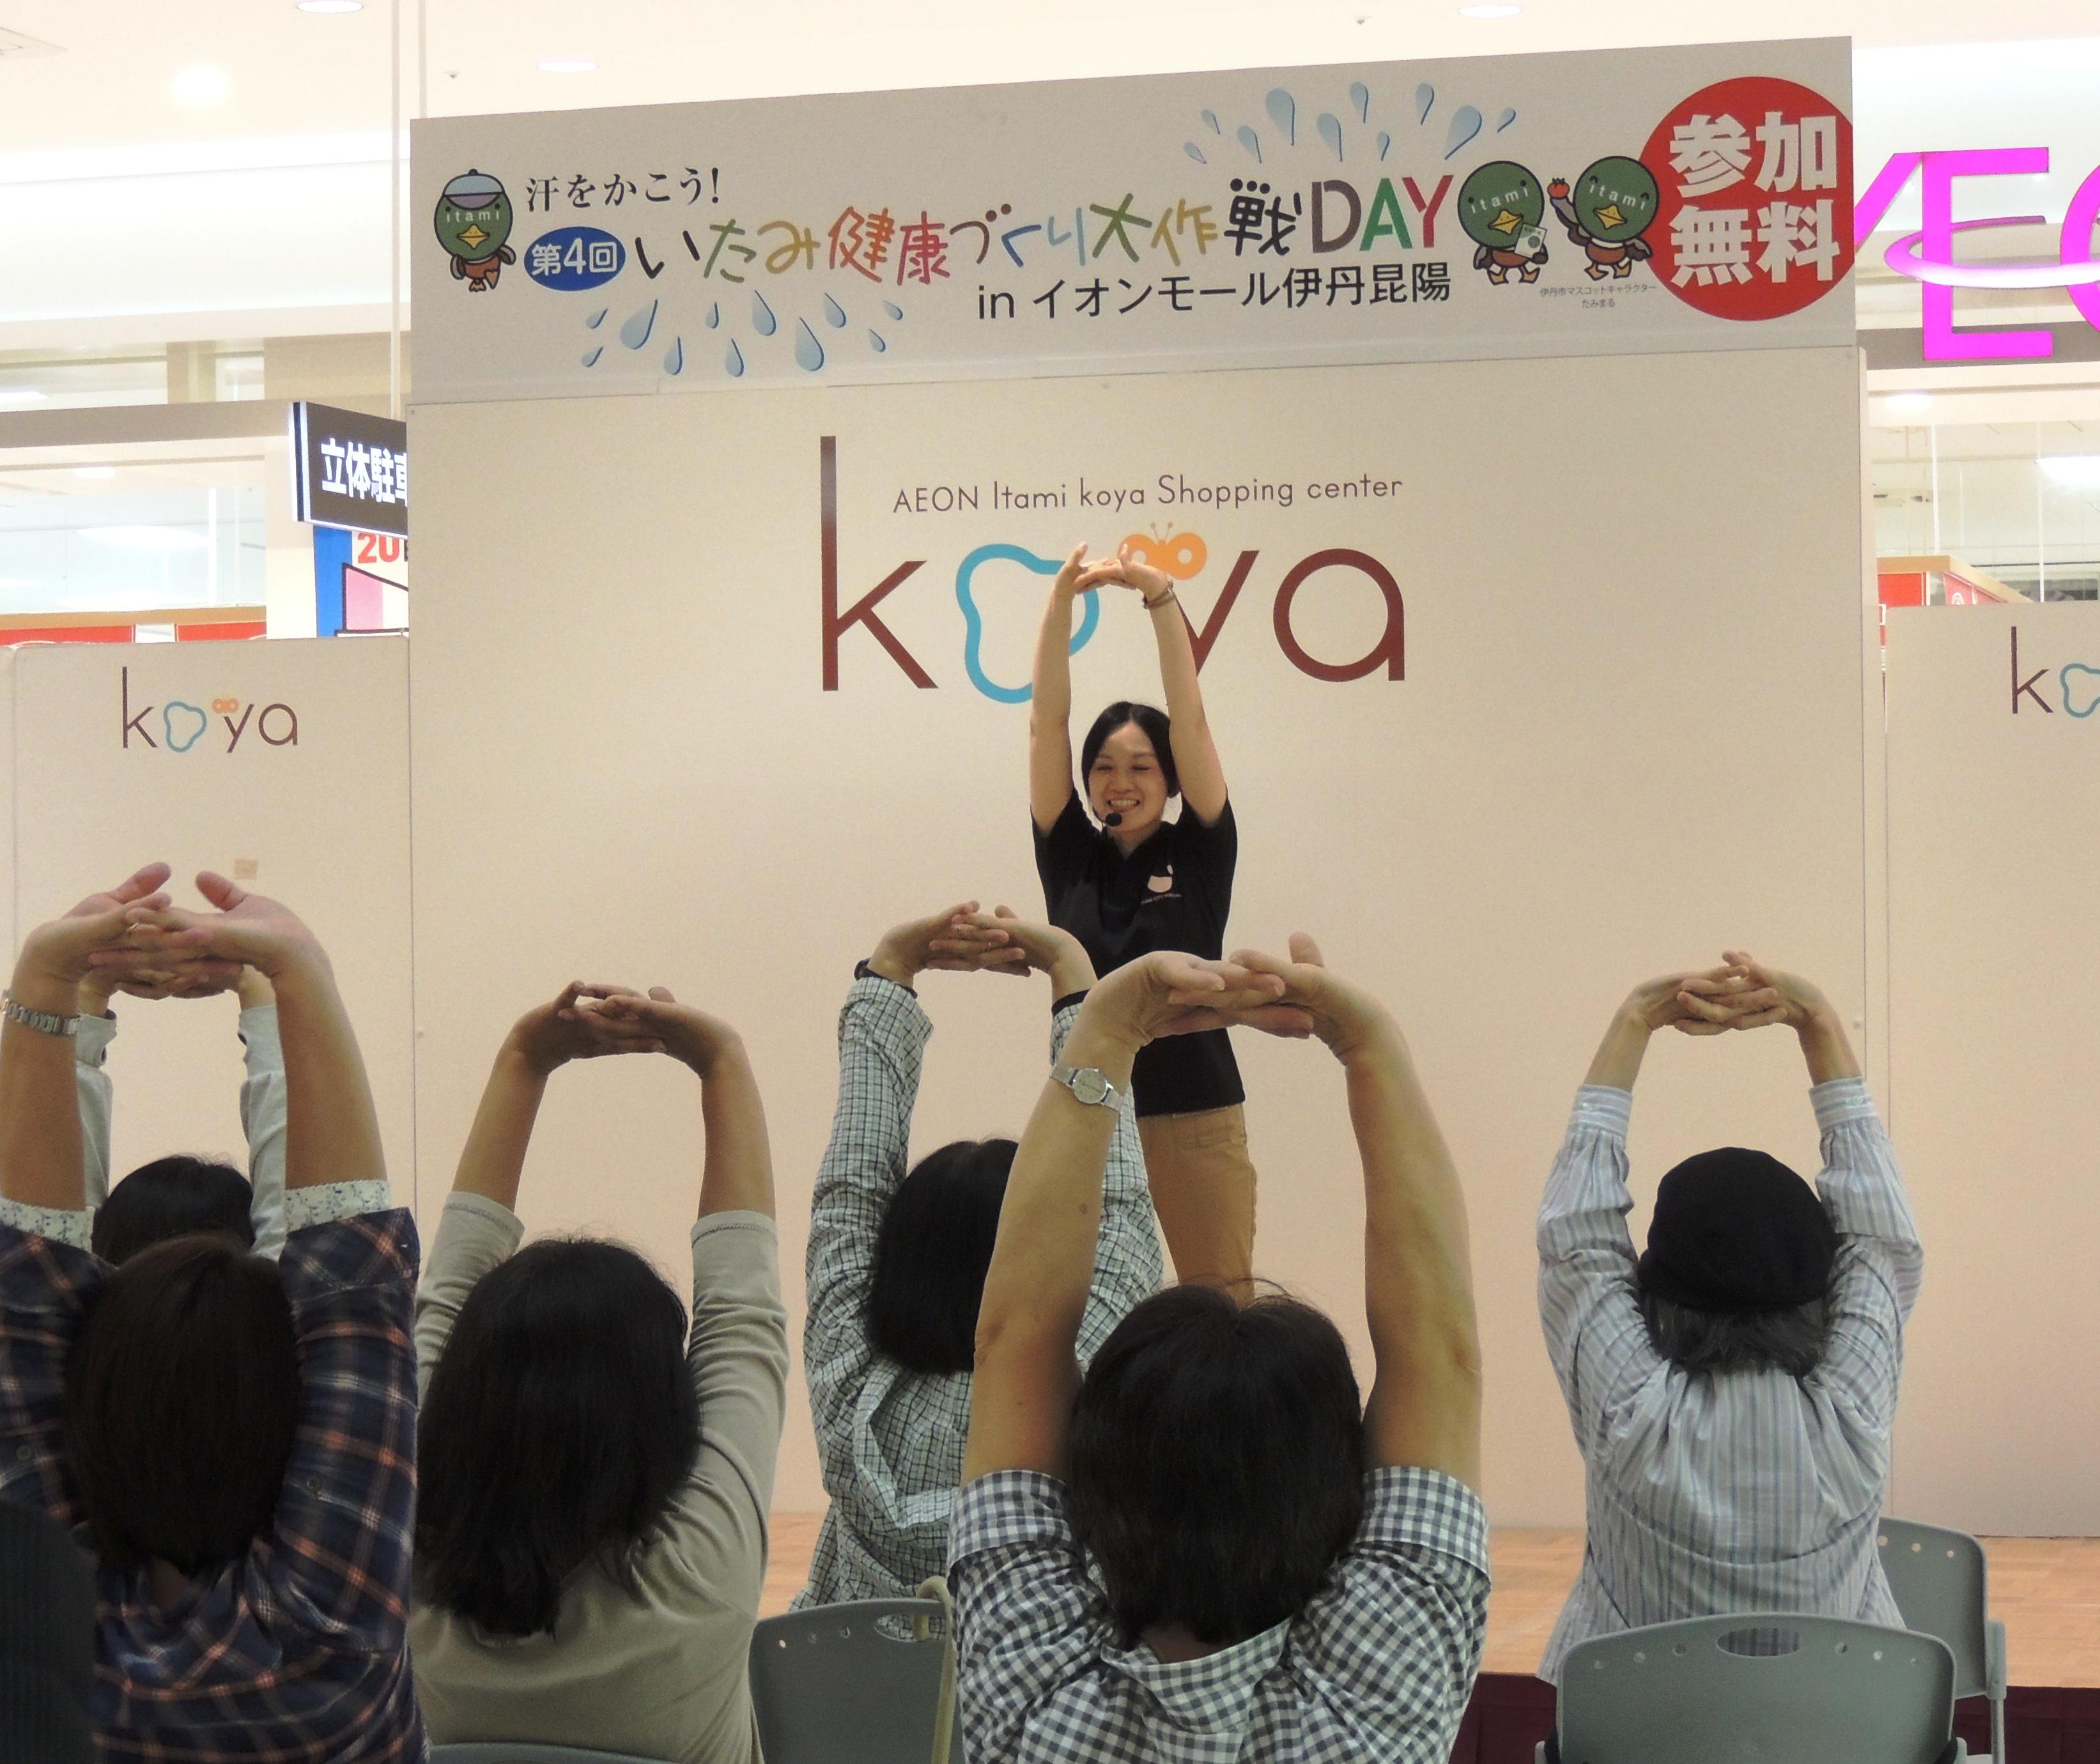 いたみ健康づくり大作戦DAY20131013